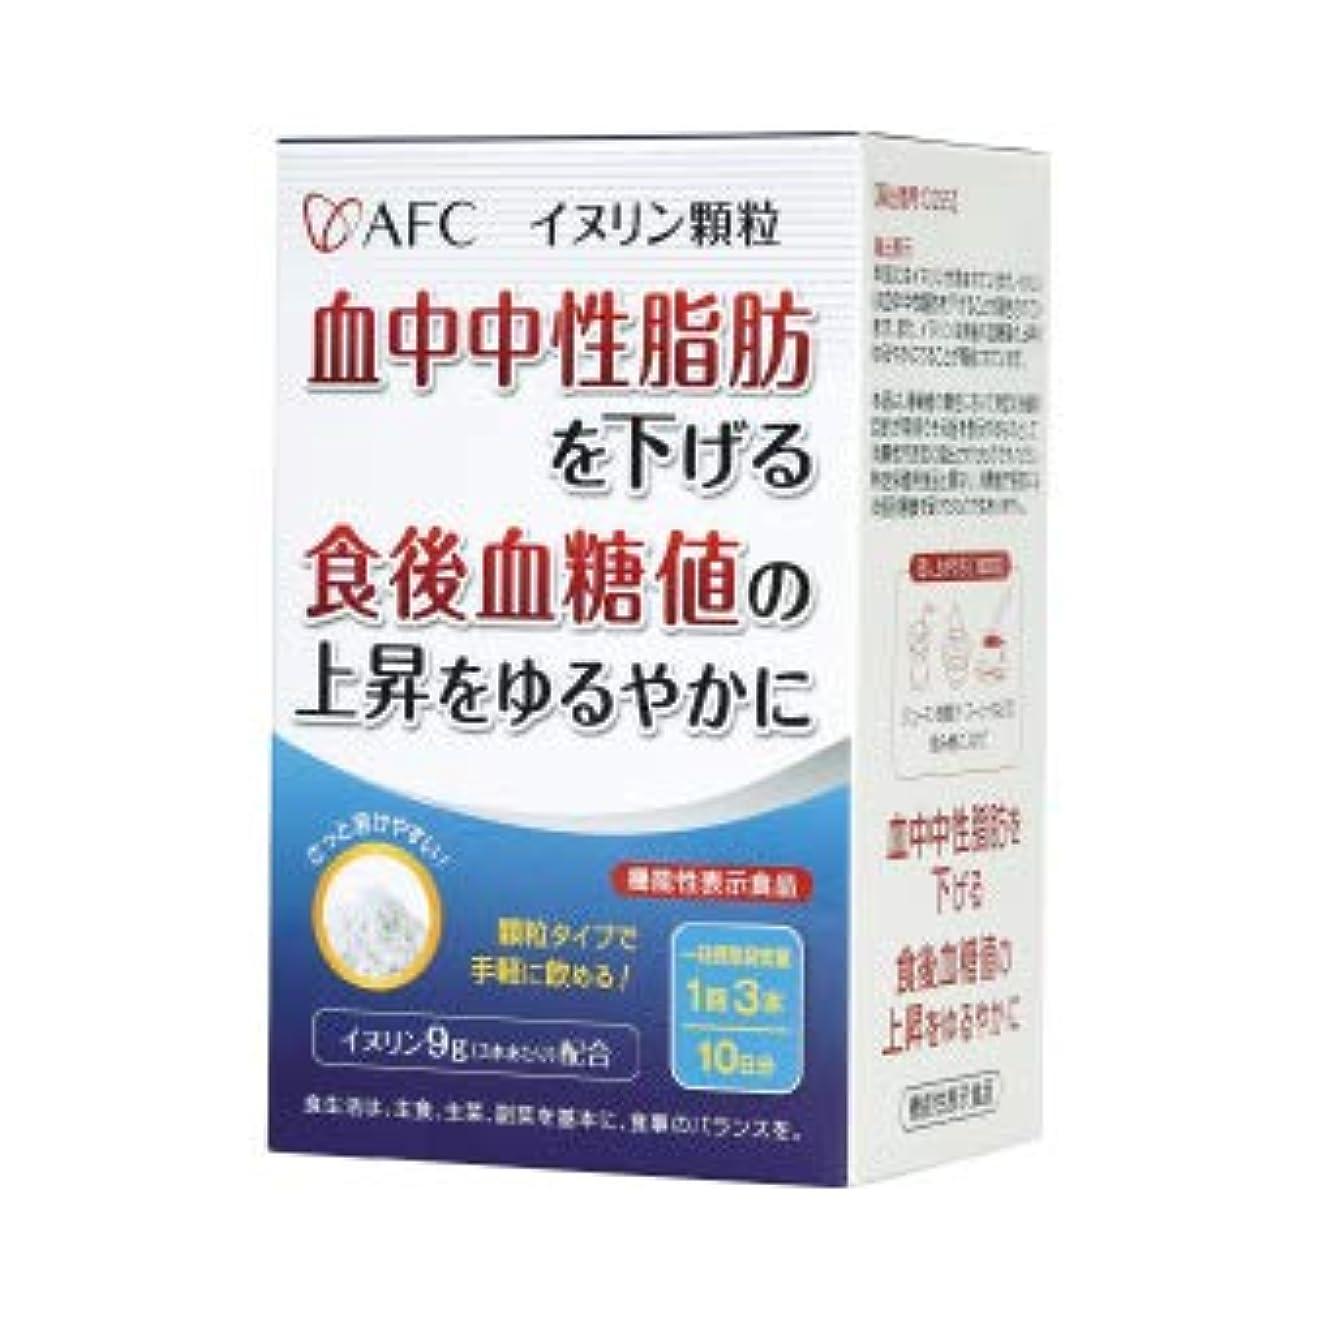 弾性必需品顕現【AFC公式ショップ】[機能性表示食品]イヌリン 10日分